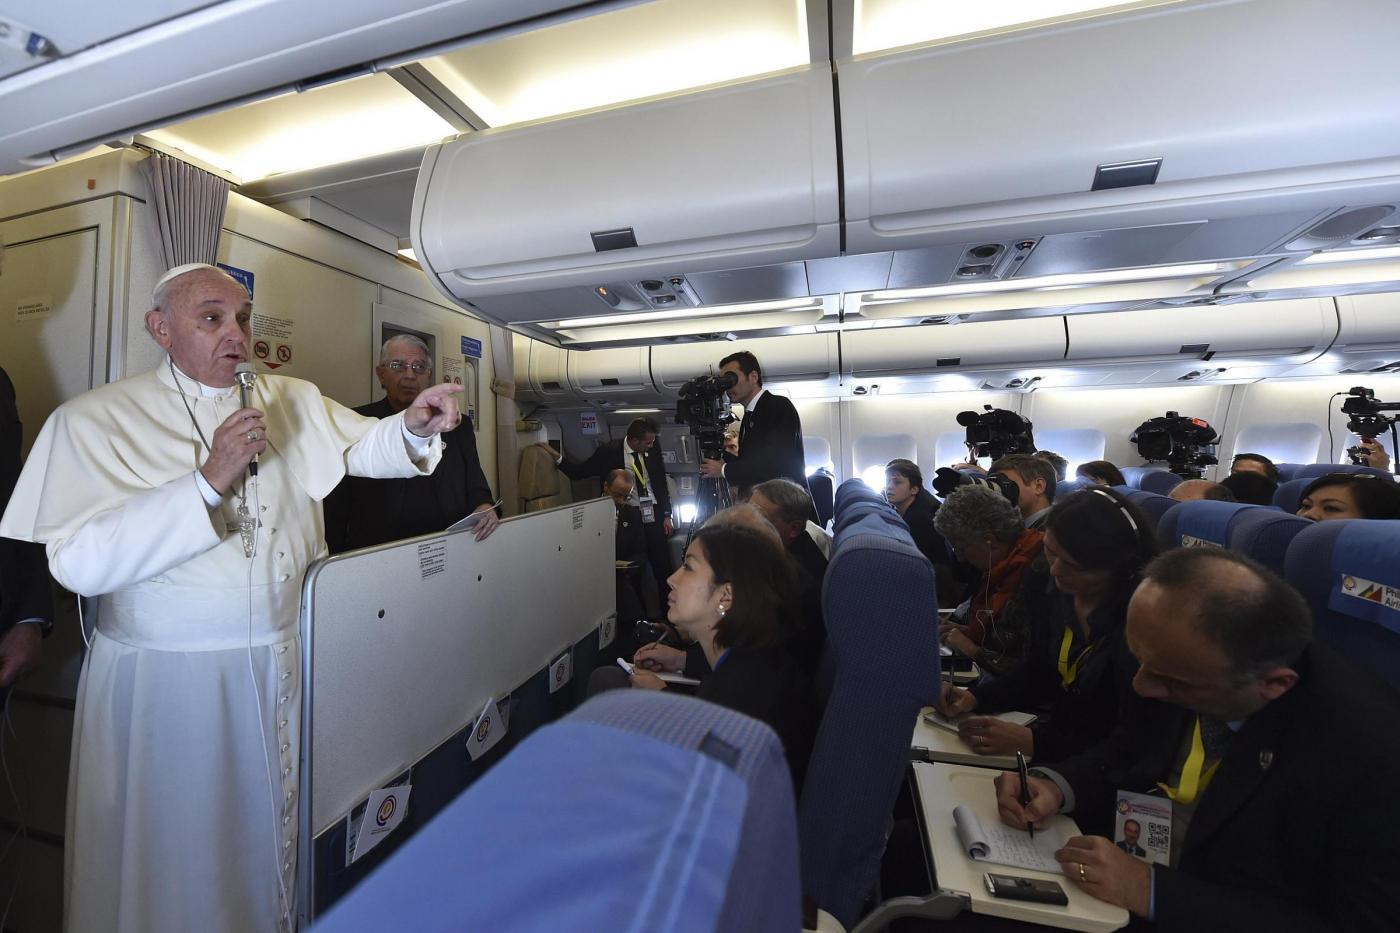 La conferenza di Papa Francesco sul volo che lo riporta a Roma